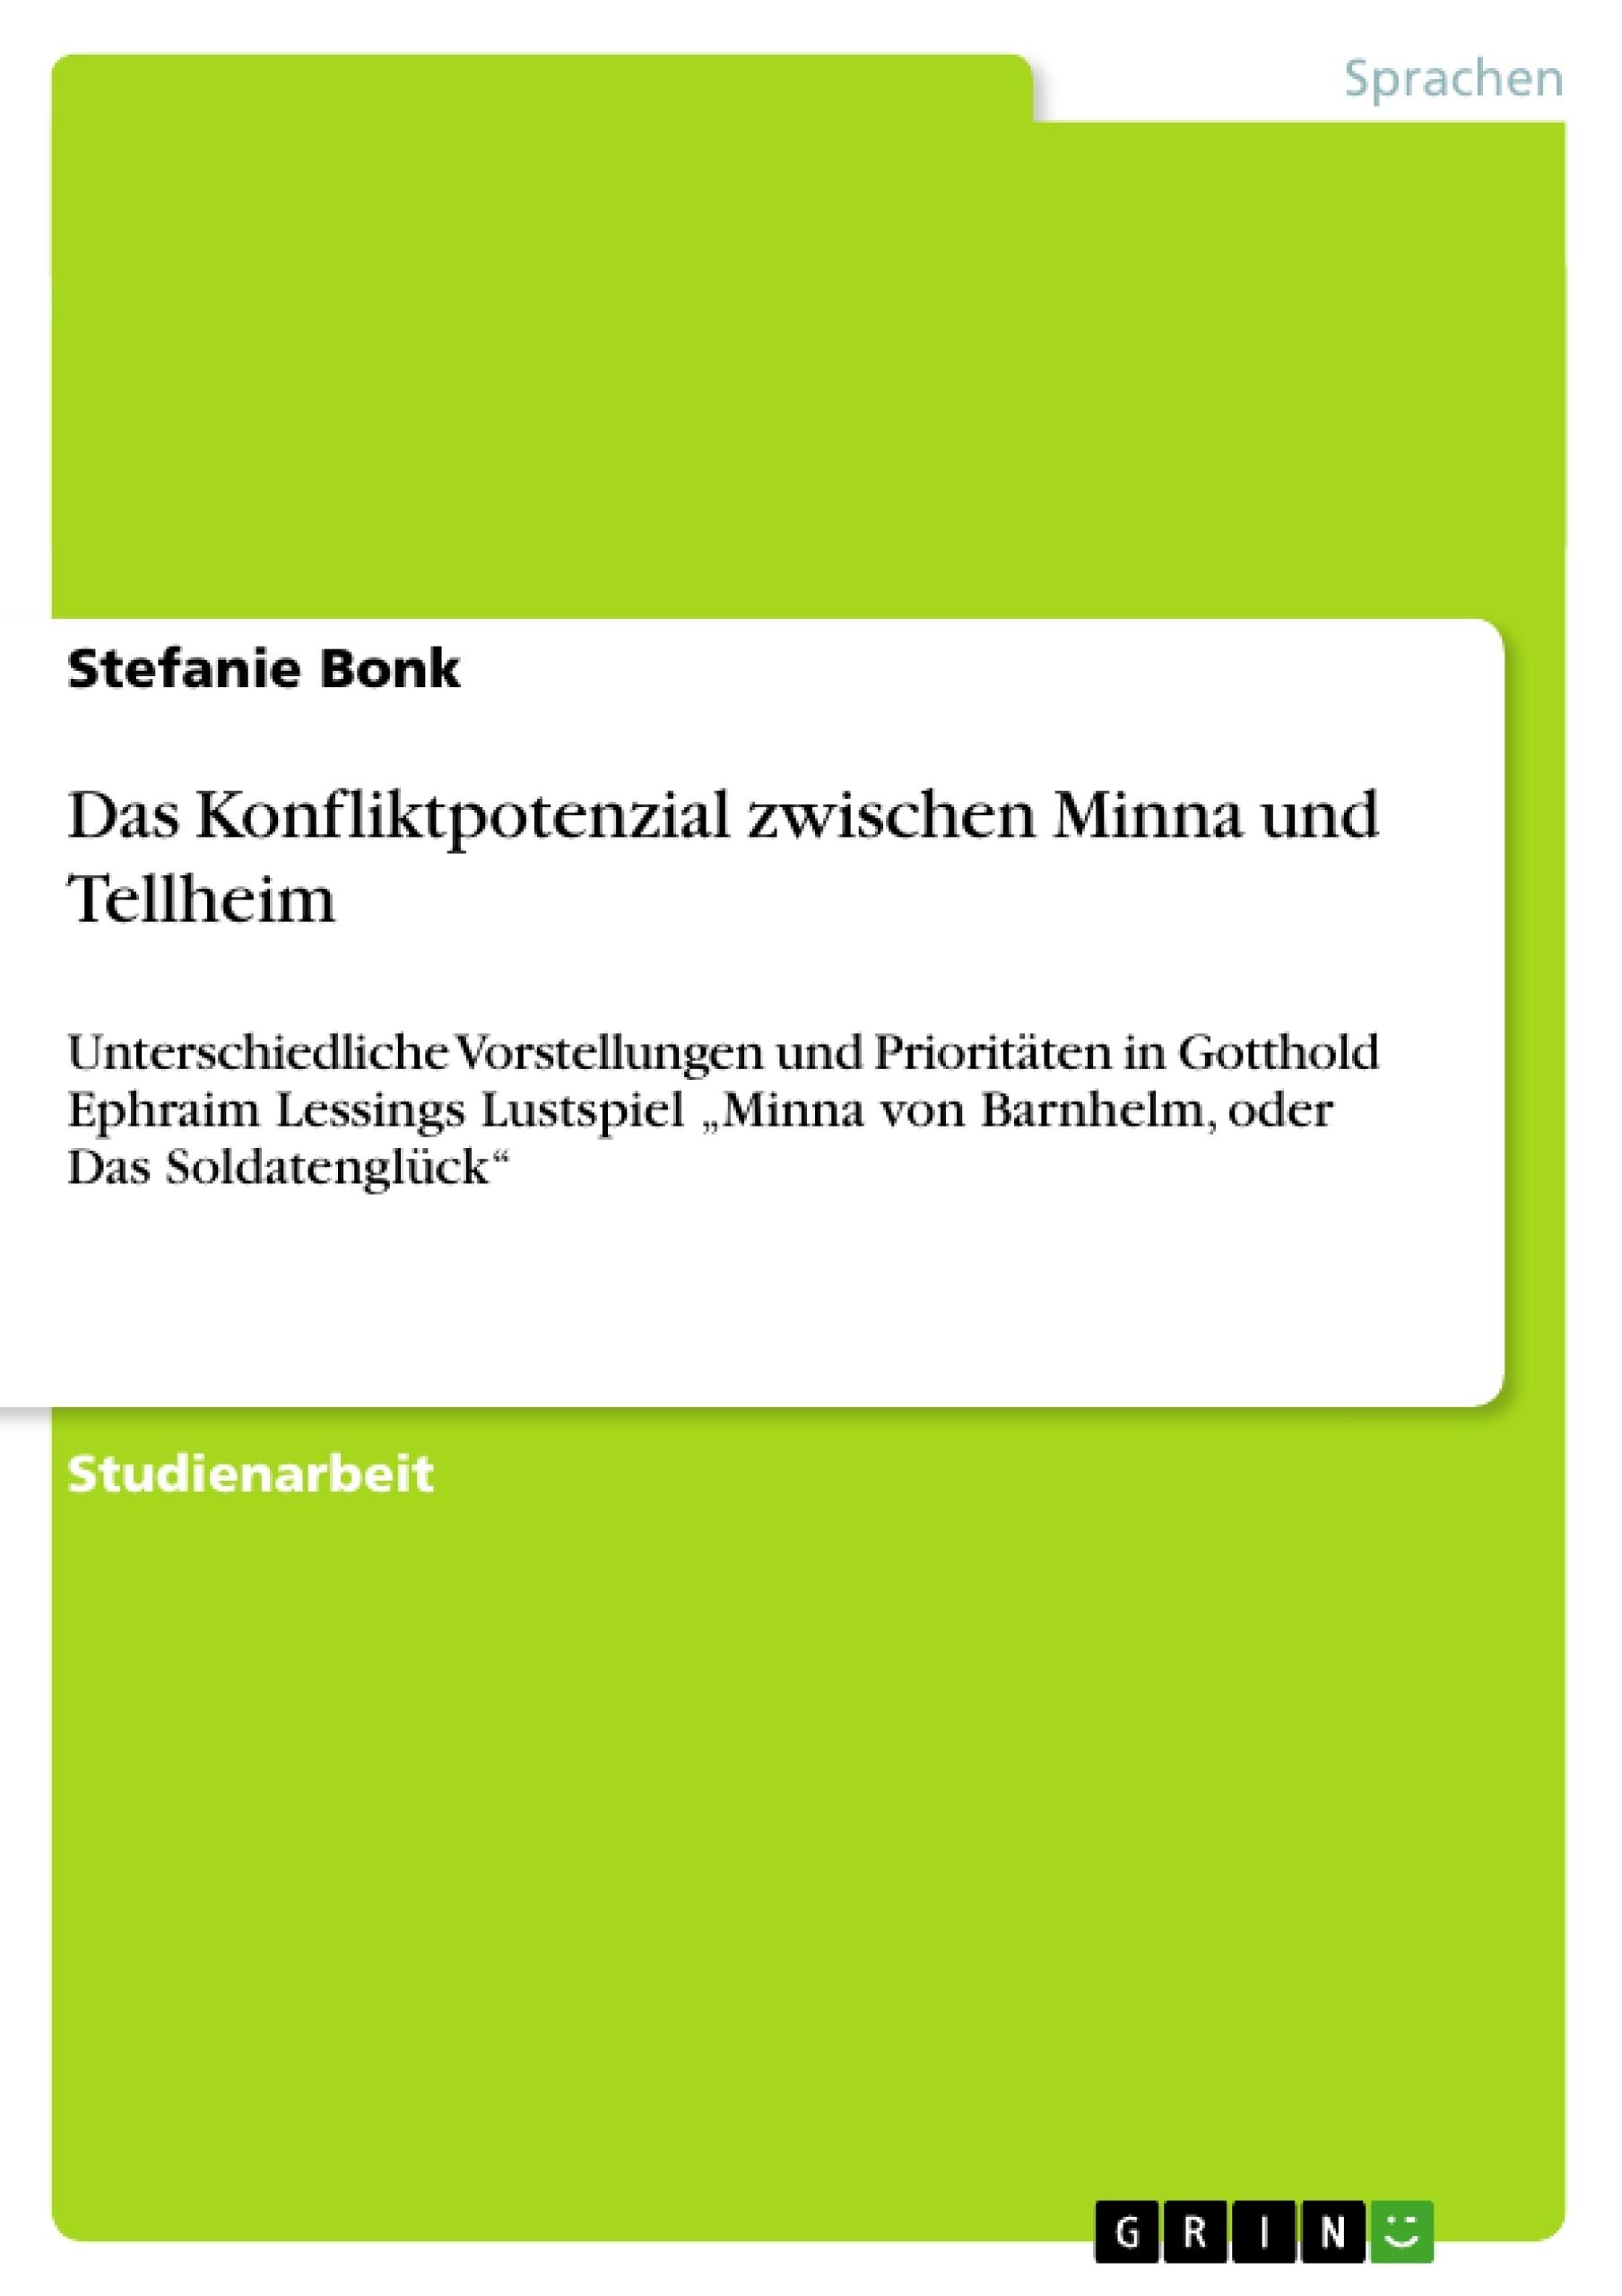 Titel: Das Konfliktpotenzial zwischen Minna und Tellheim